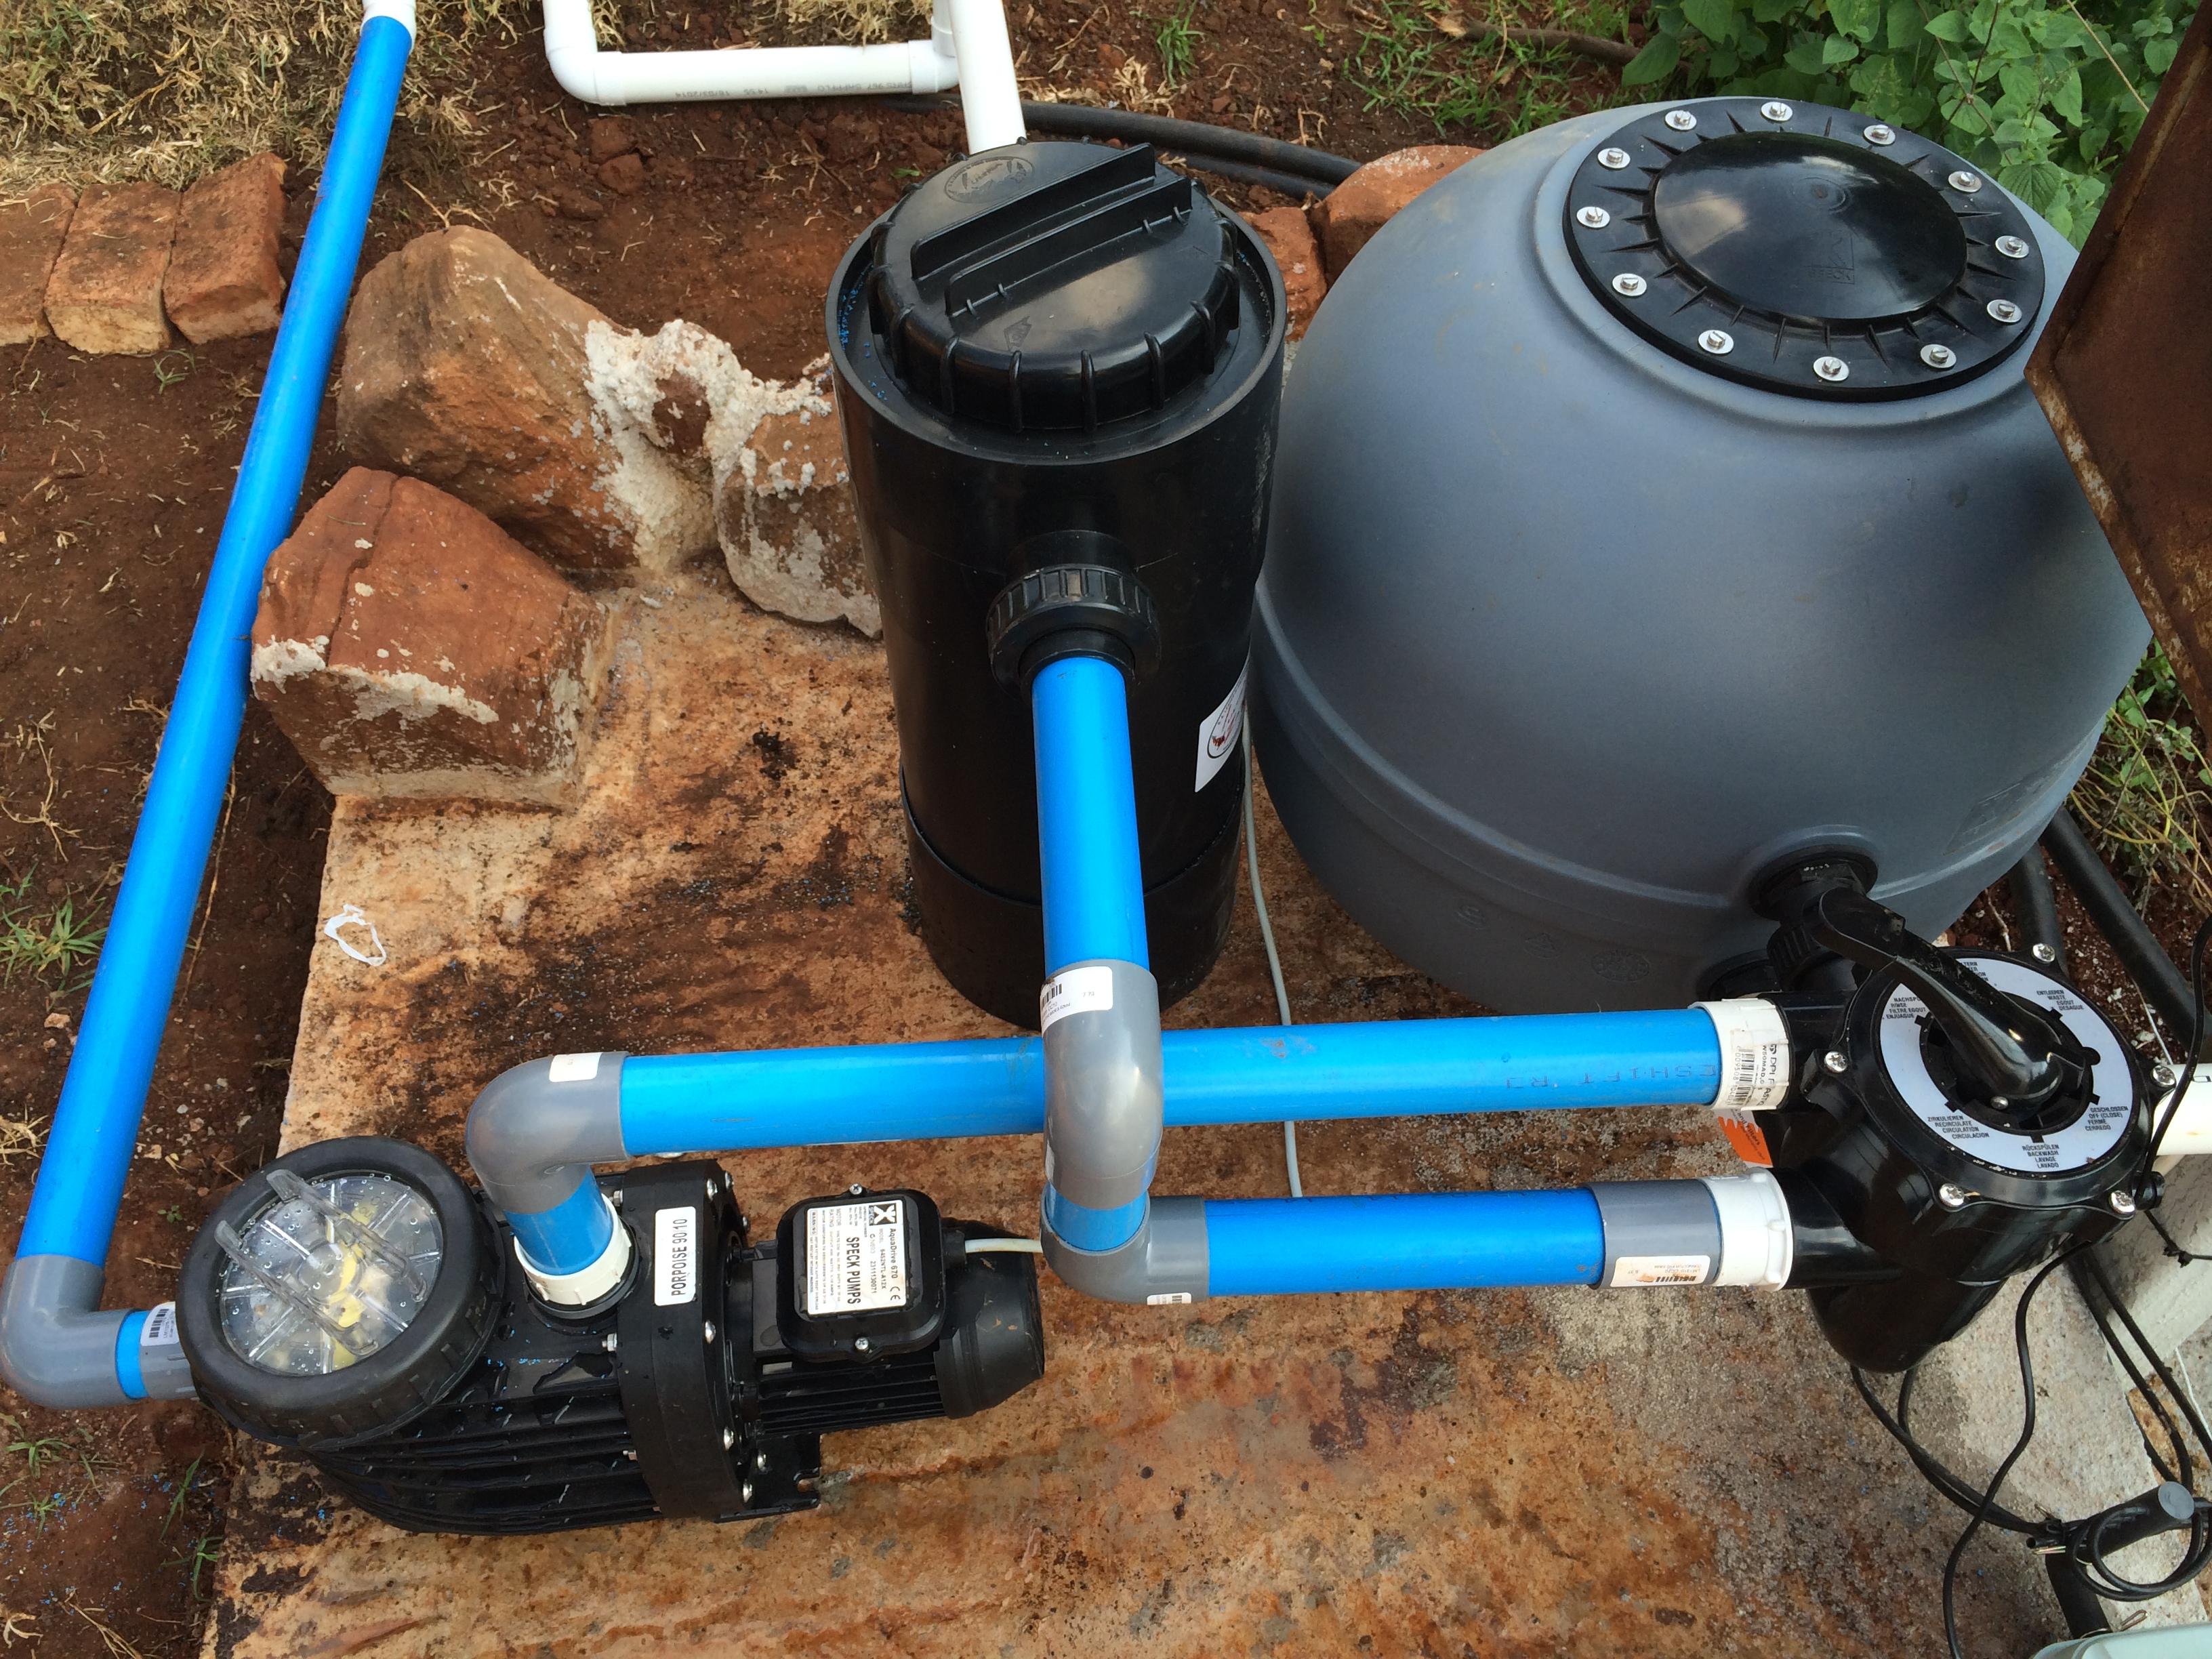 Filters & pumps